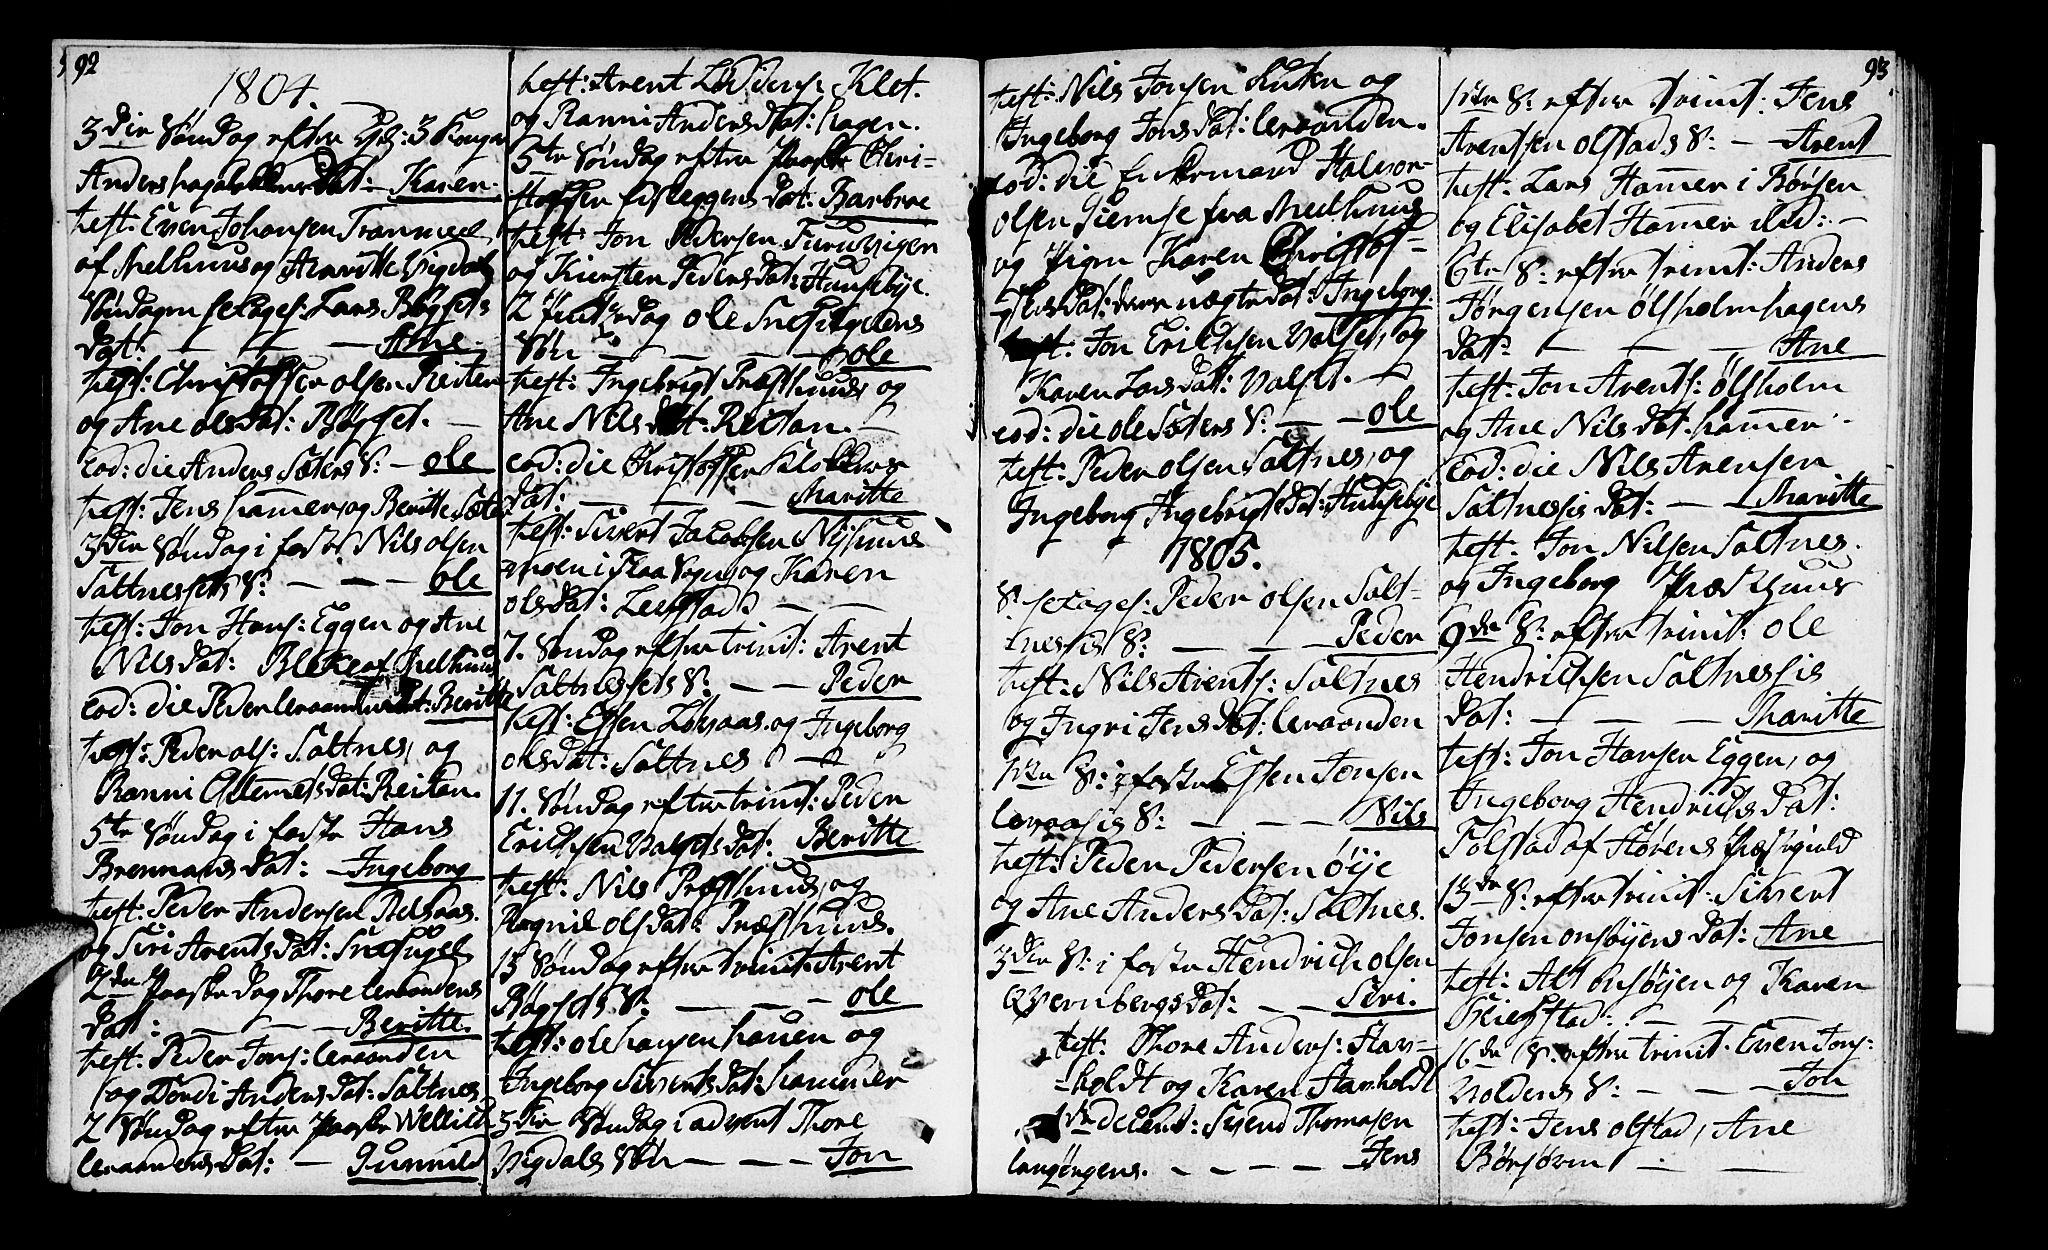 SAT, Ministerialprotokoller, klokkerbøker og fødselsregistre - Sør-Trøndelag, 666/L0785: Ministerialbok nr. 666A03, 1803-1816, s. 92-93